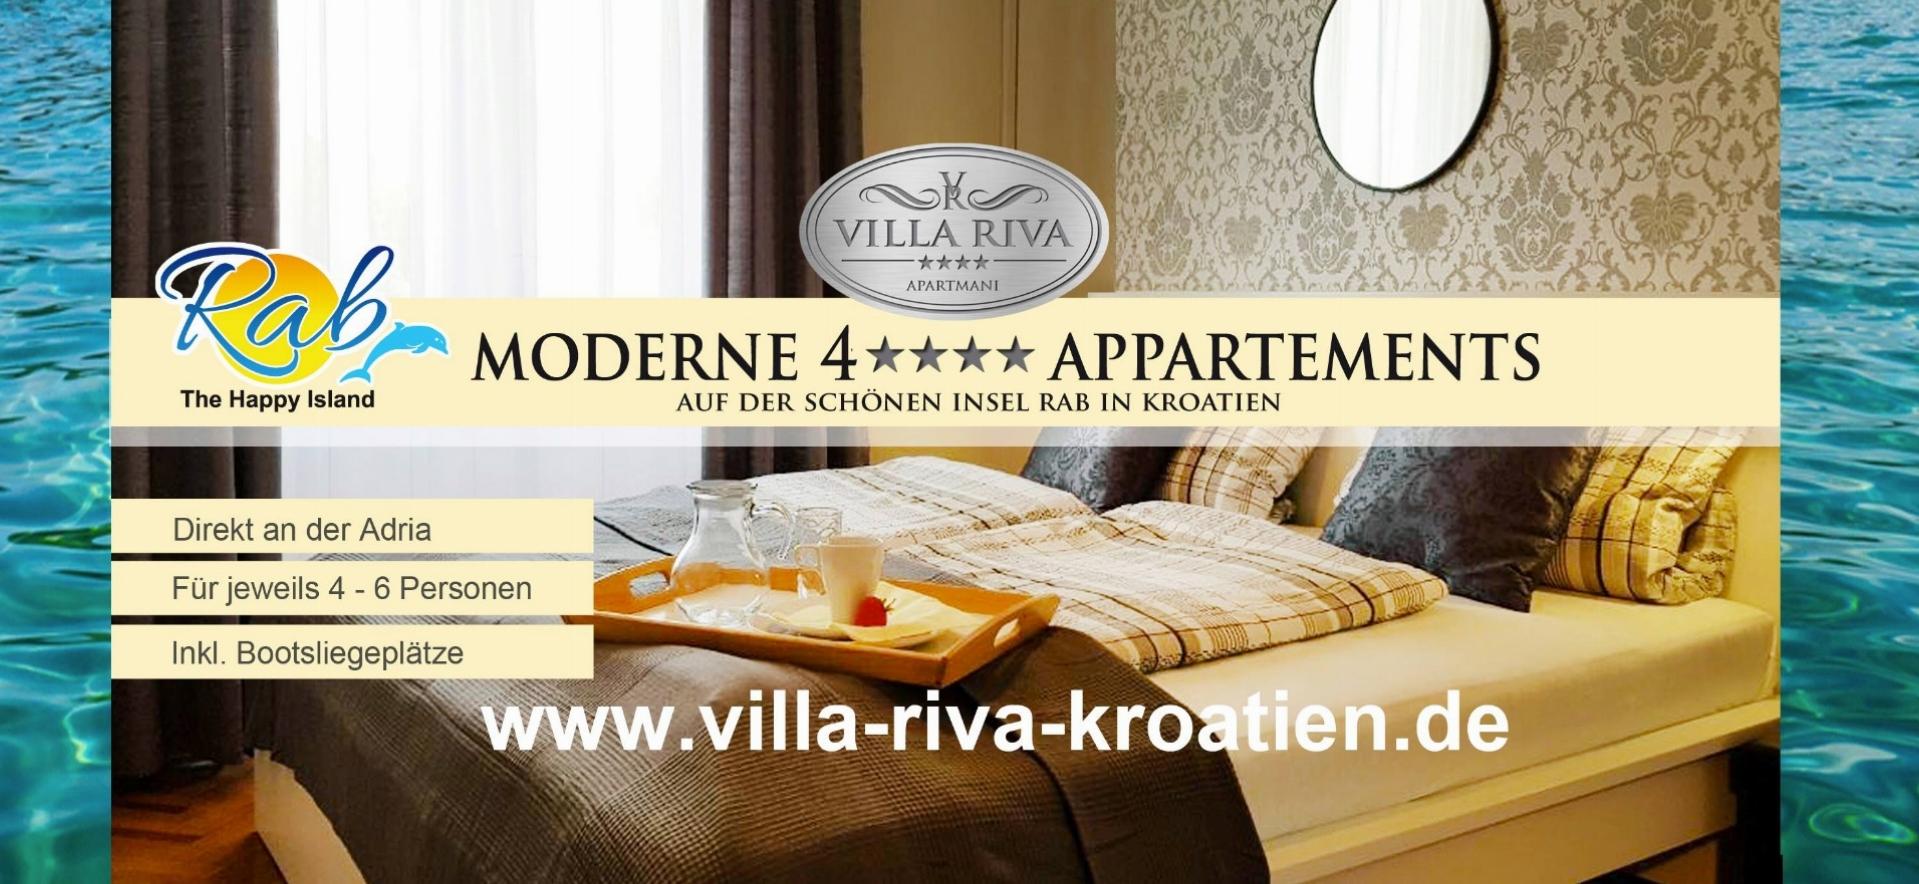 www.villa-riva-kroatien.de